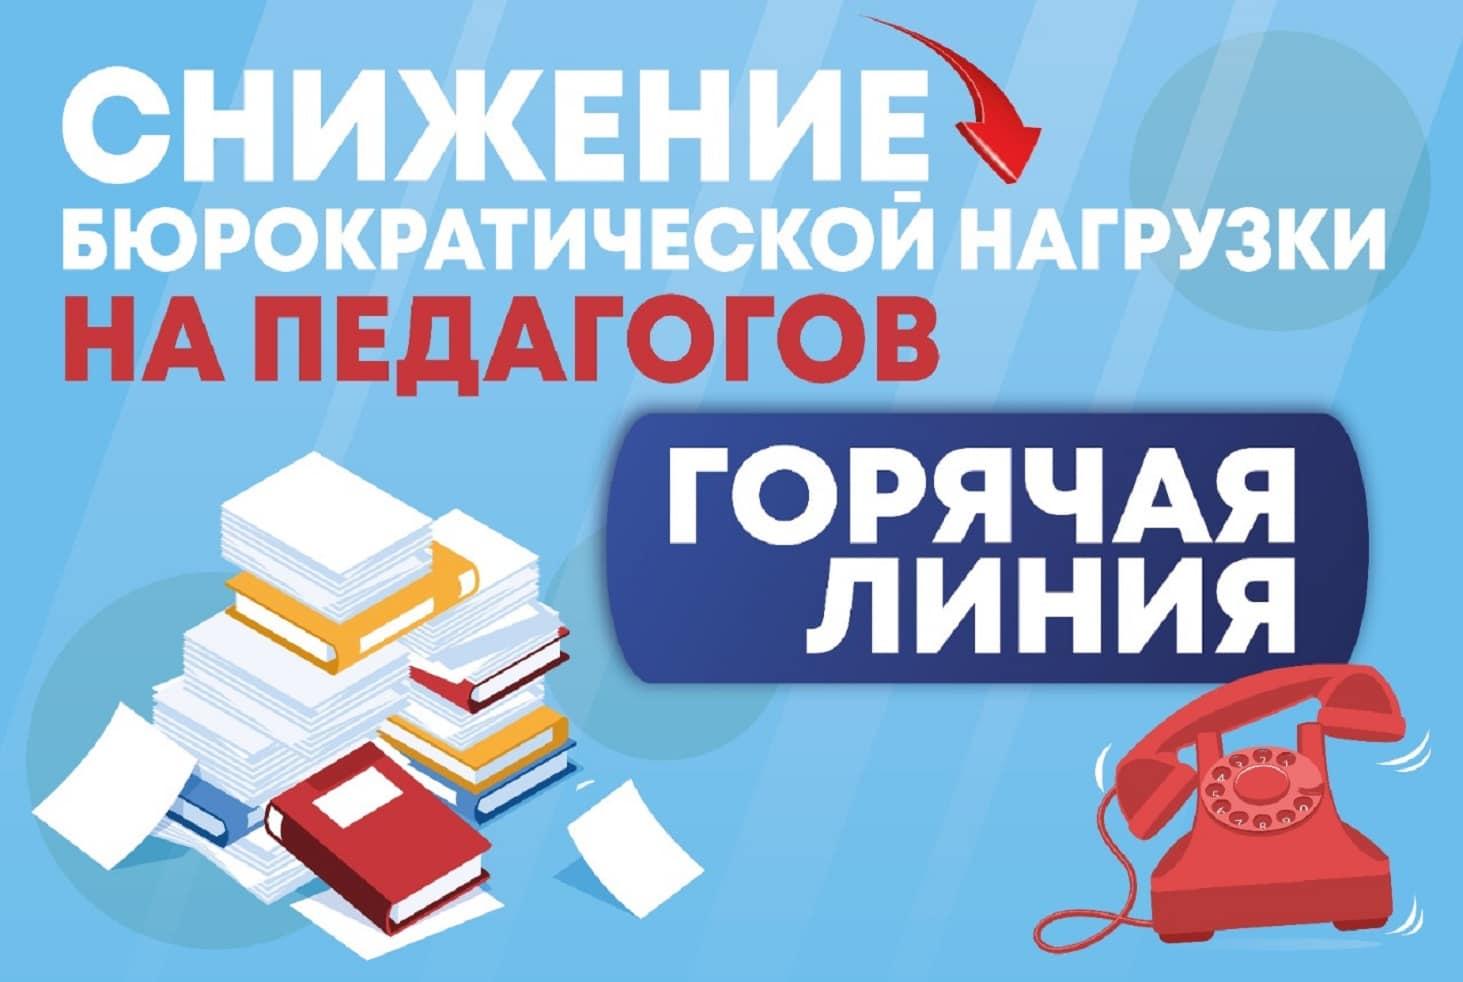 minprosveshheniya-zhdet-predlozhenij-ot-pedagogov-po-snizheniyu-byurokraticheskoj-nagruzki